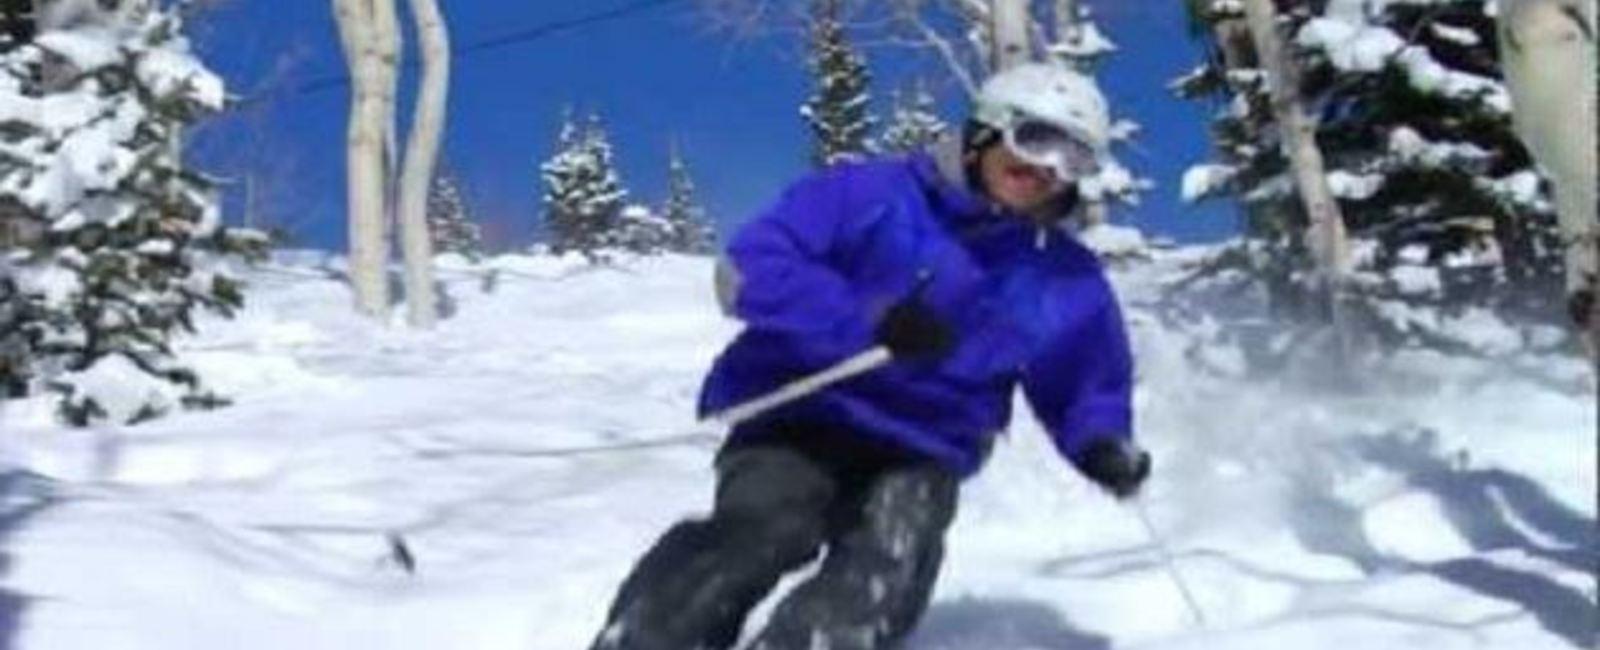 Deer Valley Powder Skiing